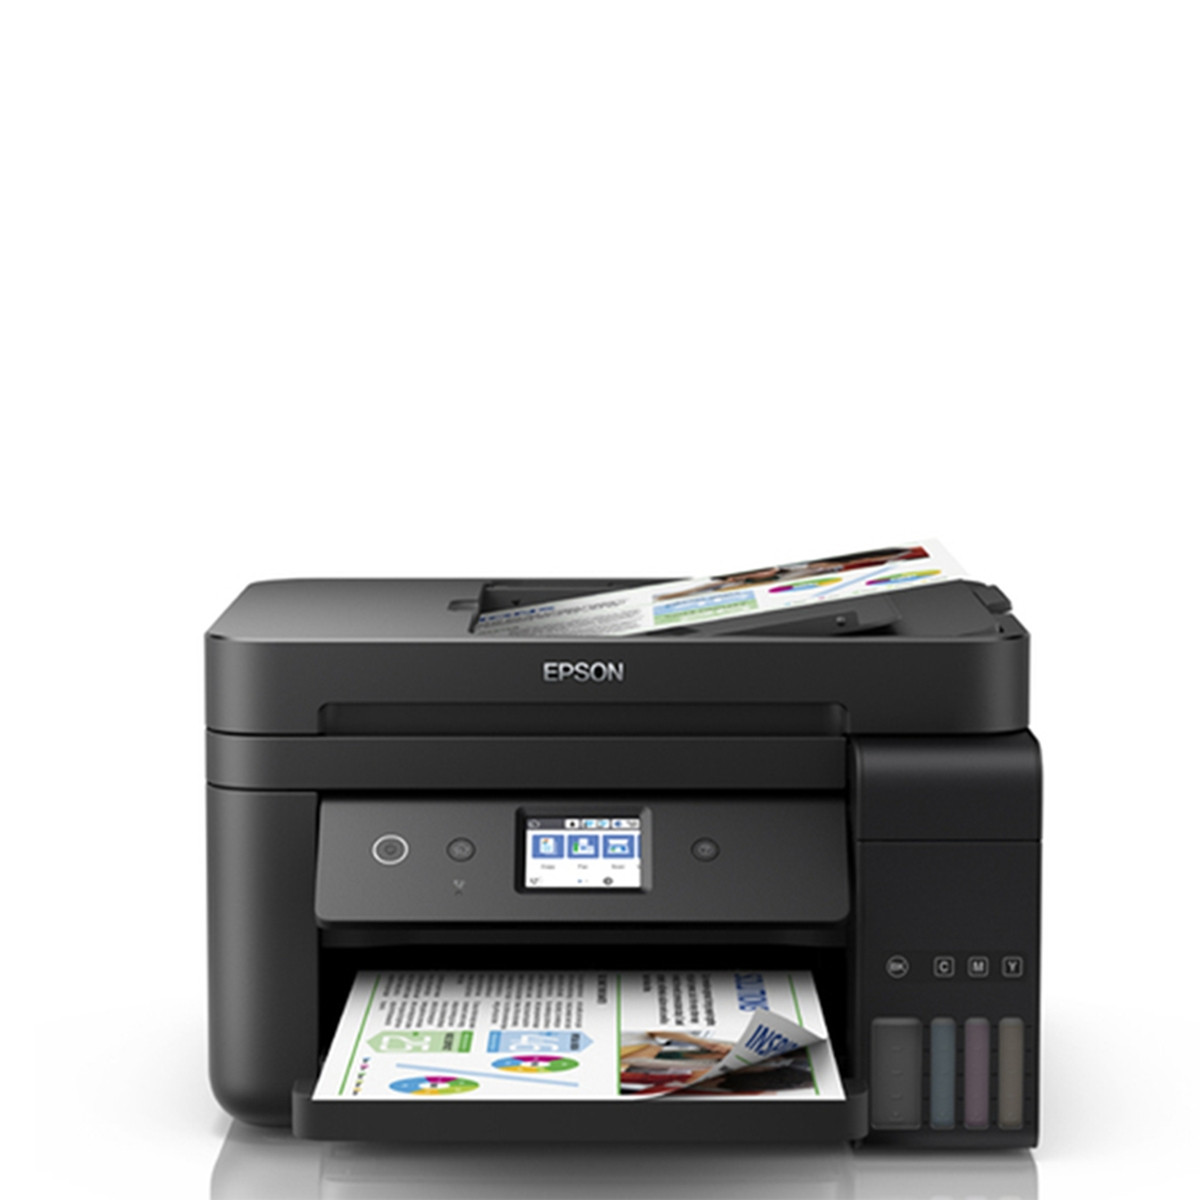 Impressora Epson L6191 L-6191 | Multifuncional Tanque de Tinta com Duplex e Wi-Fi